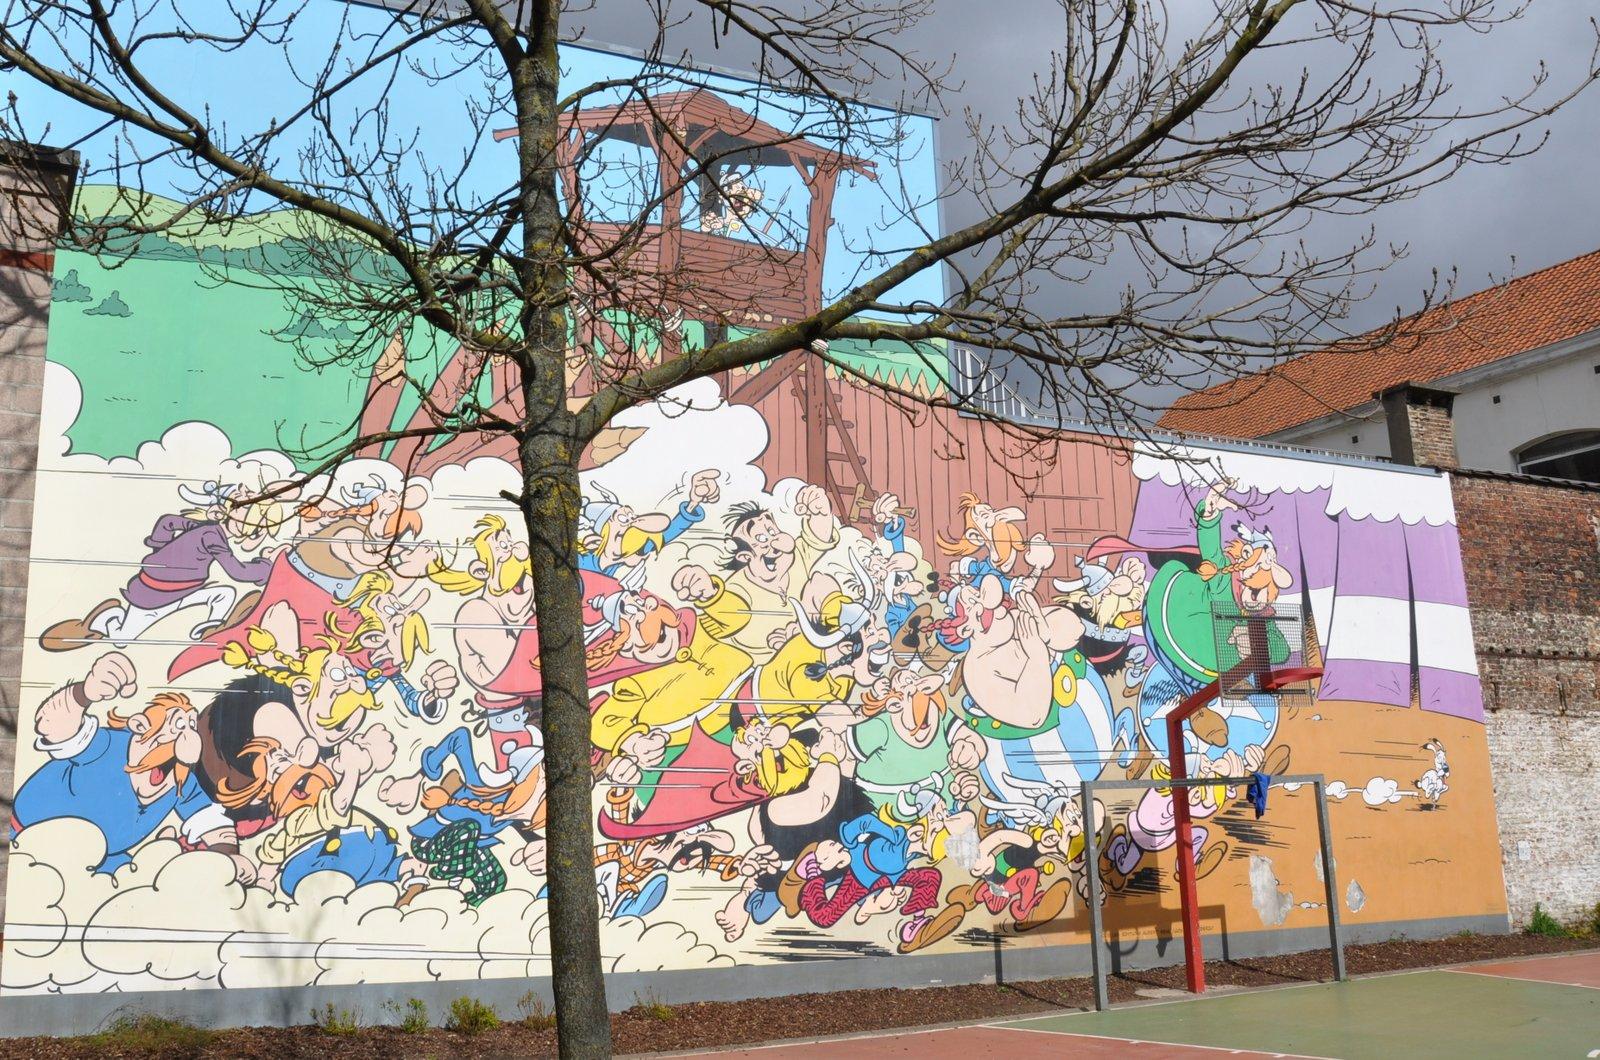 La fresque BD sur Astérix et Obélix, située au 33 rue de la Buanderie